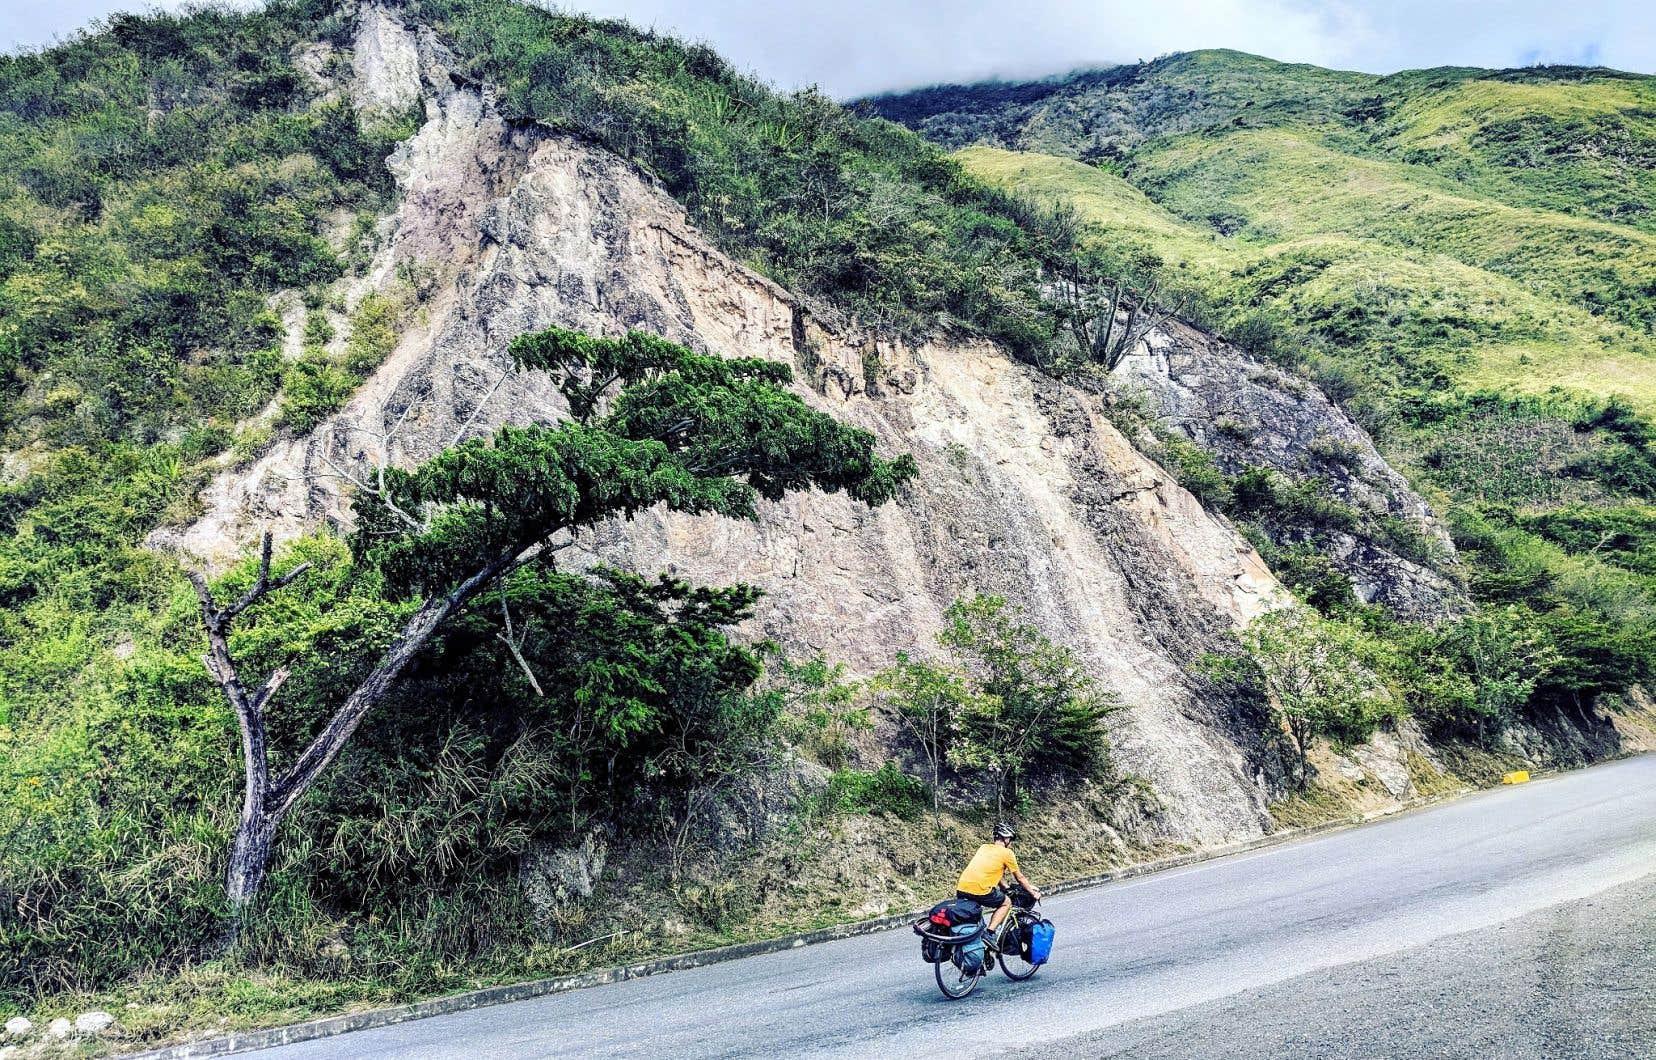 Depuis leur départ, Julien Croteau-Dufour et Valentina Côté ont franchi plus de 10000 kilomètres et traversé une dizaine de pays. Ci-dessus: en Colombie.